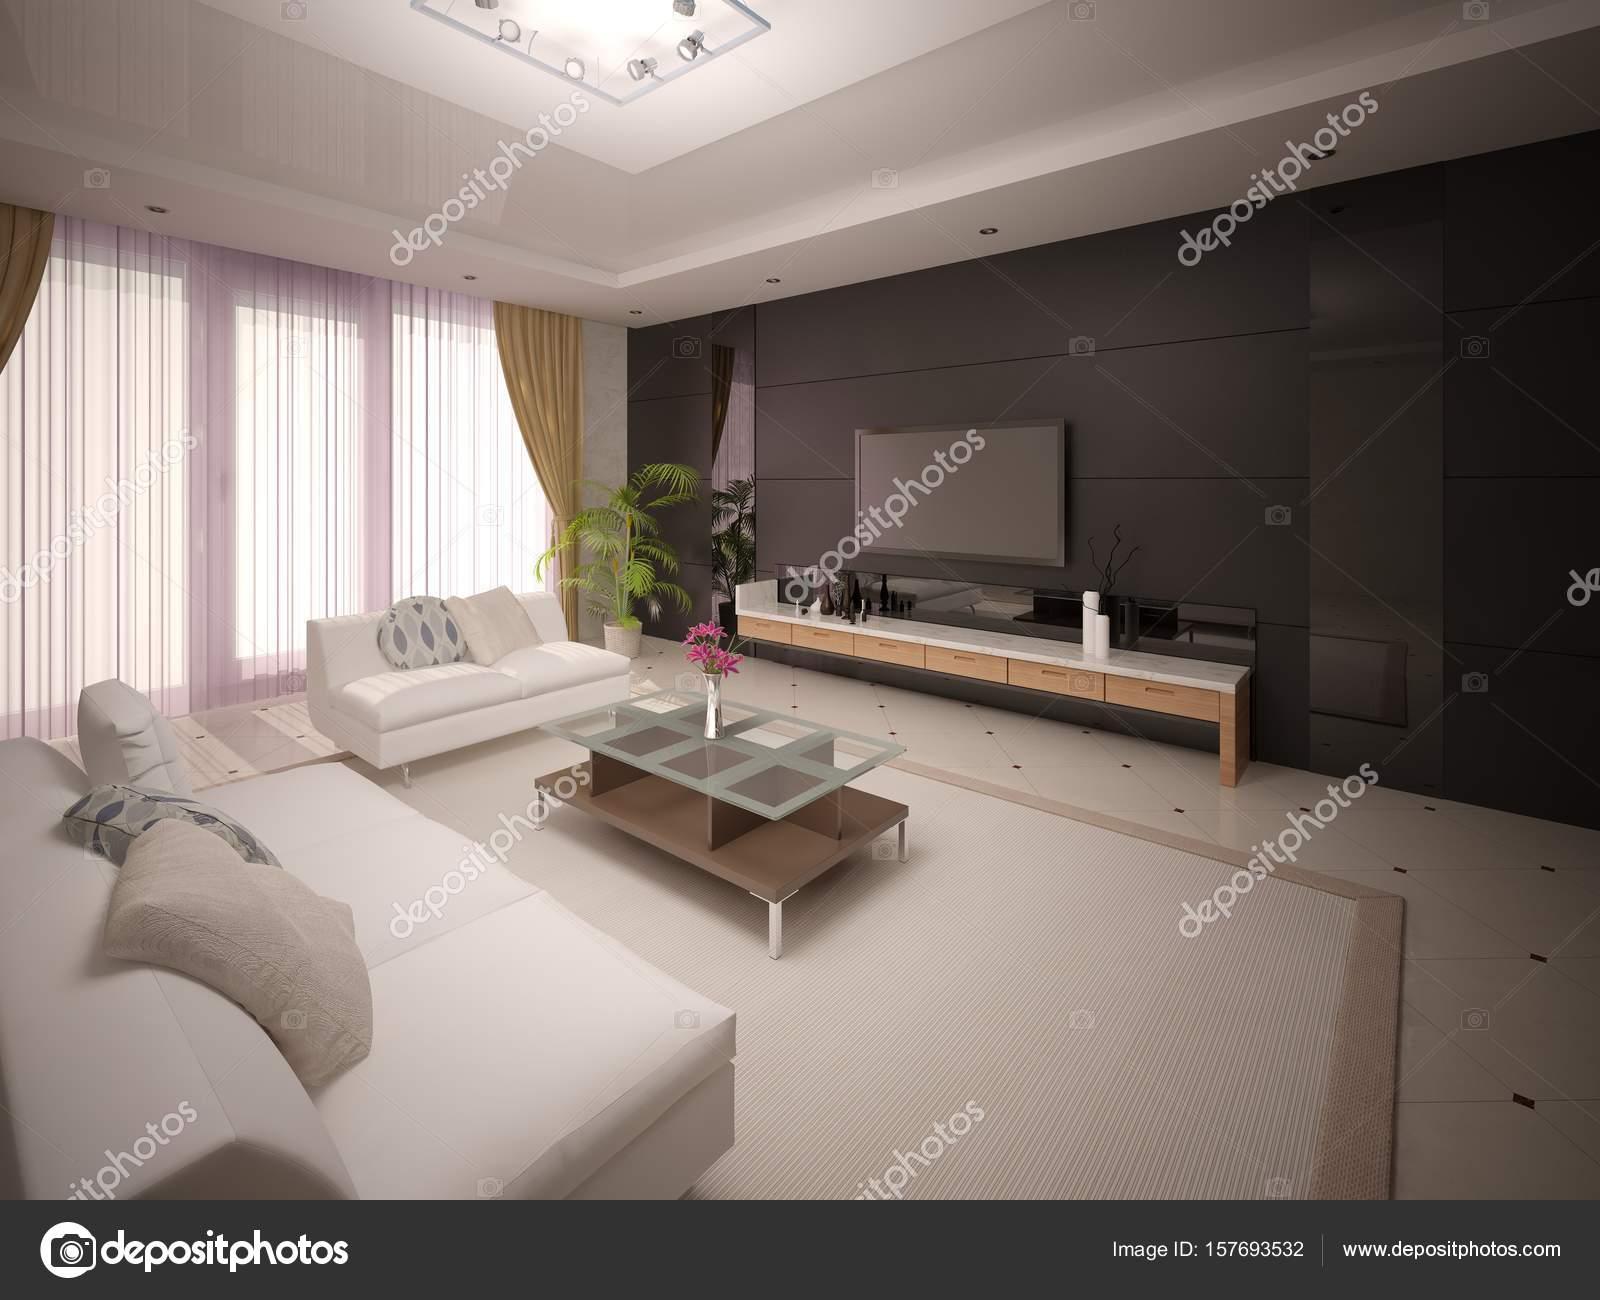 Arredamento Moderno Elegante : Salone moderno elegante con arredamento confortevole u foto stock